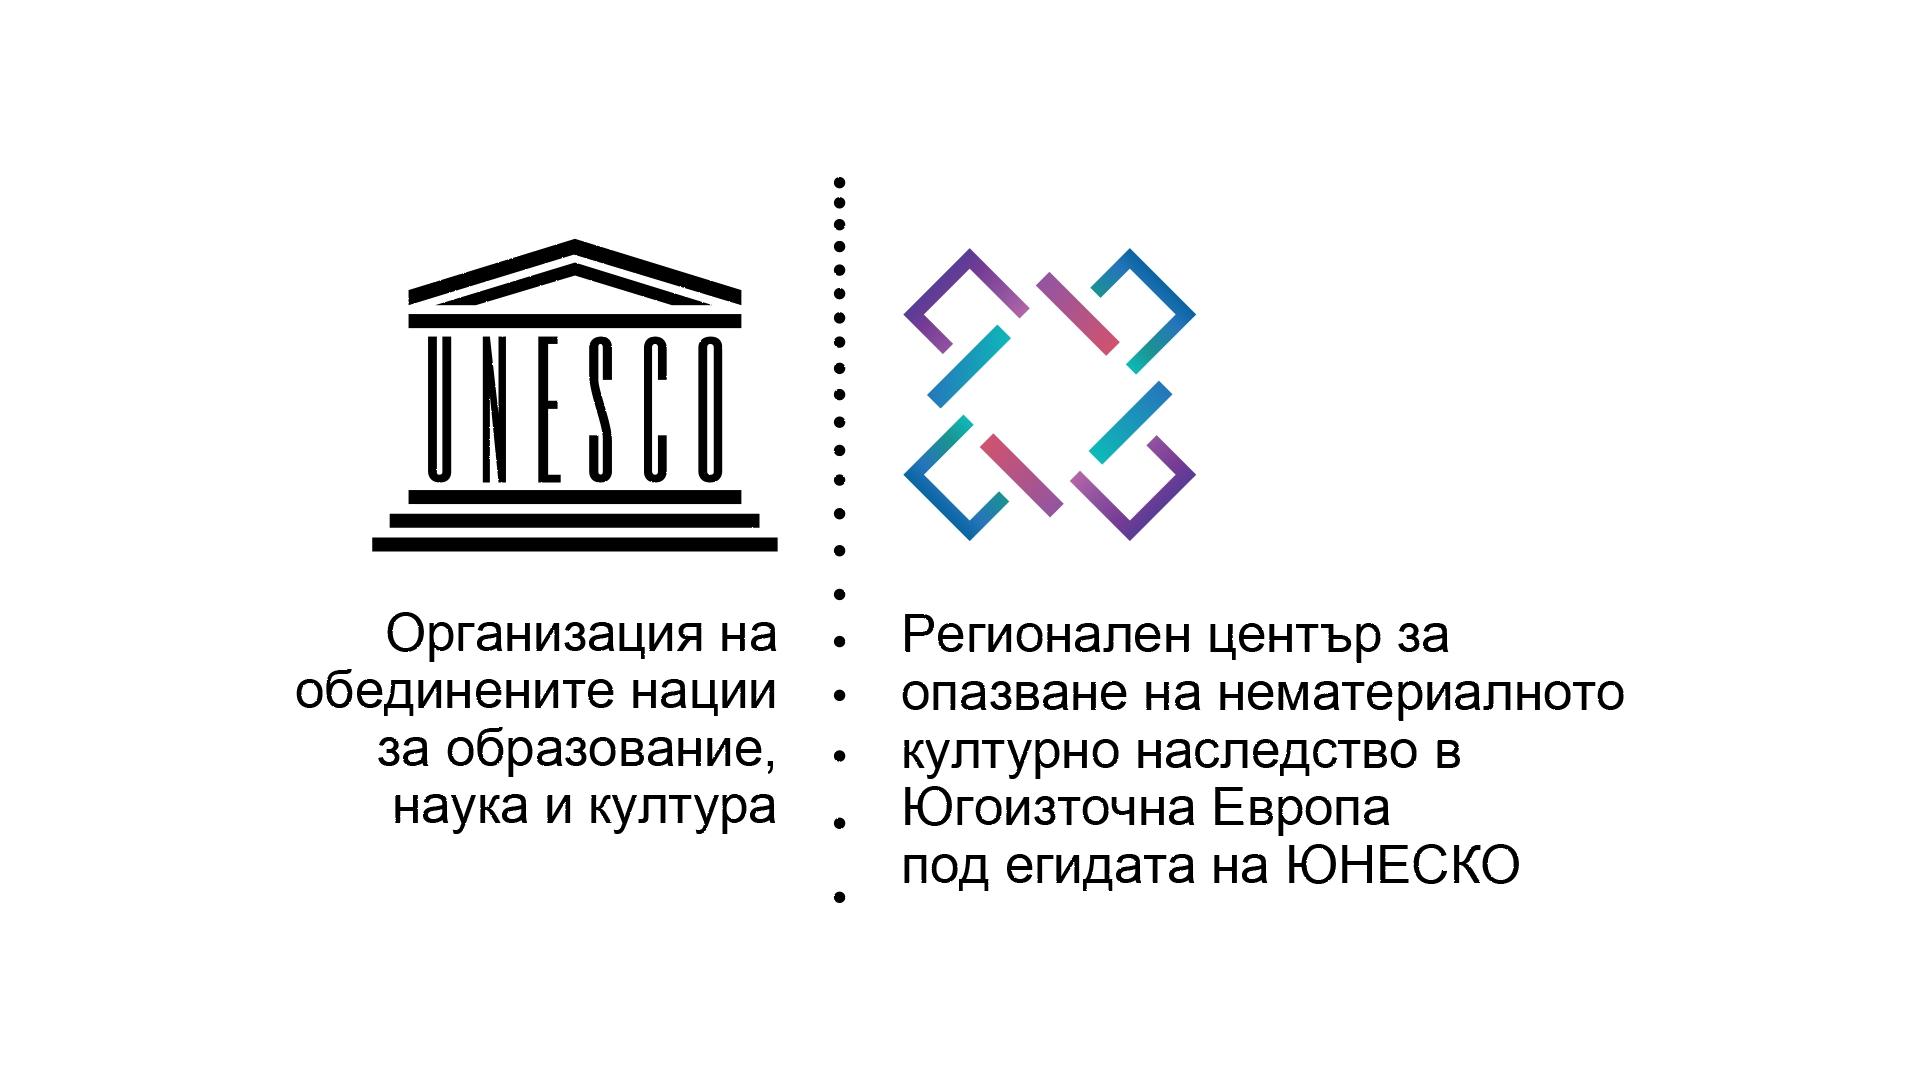 Регионален център София - Юнеско